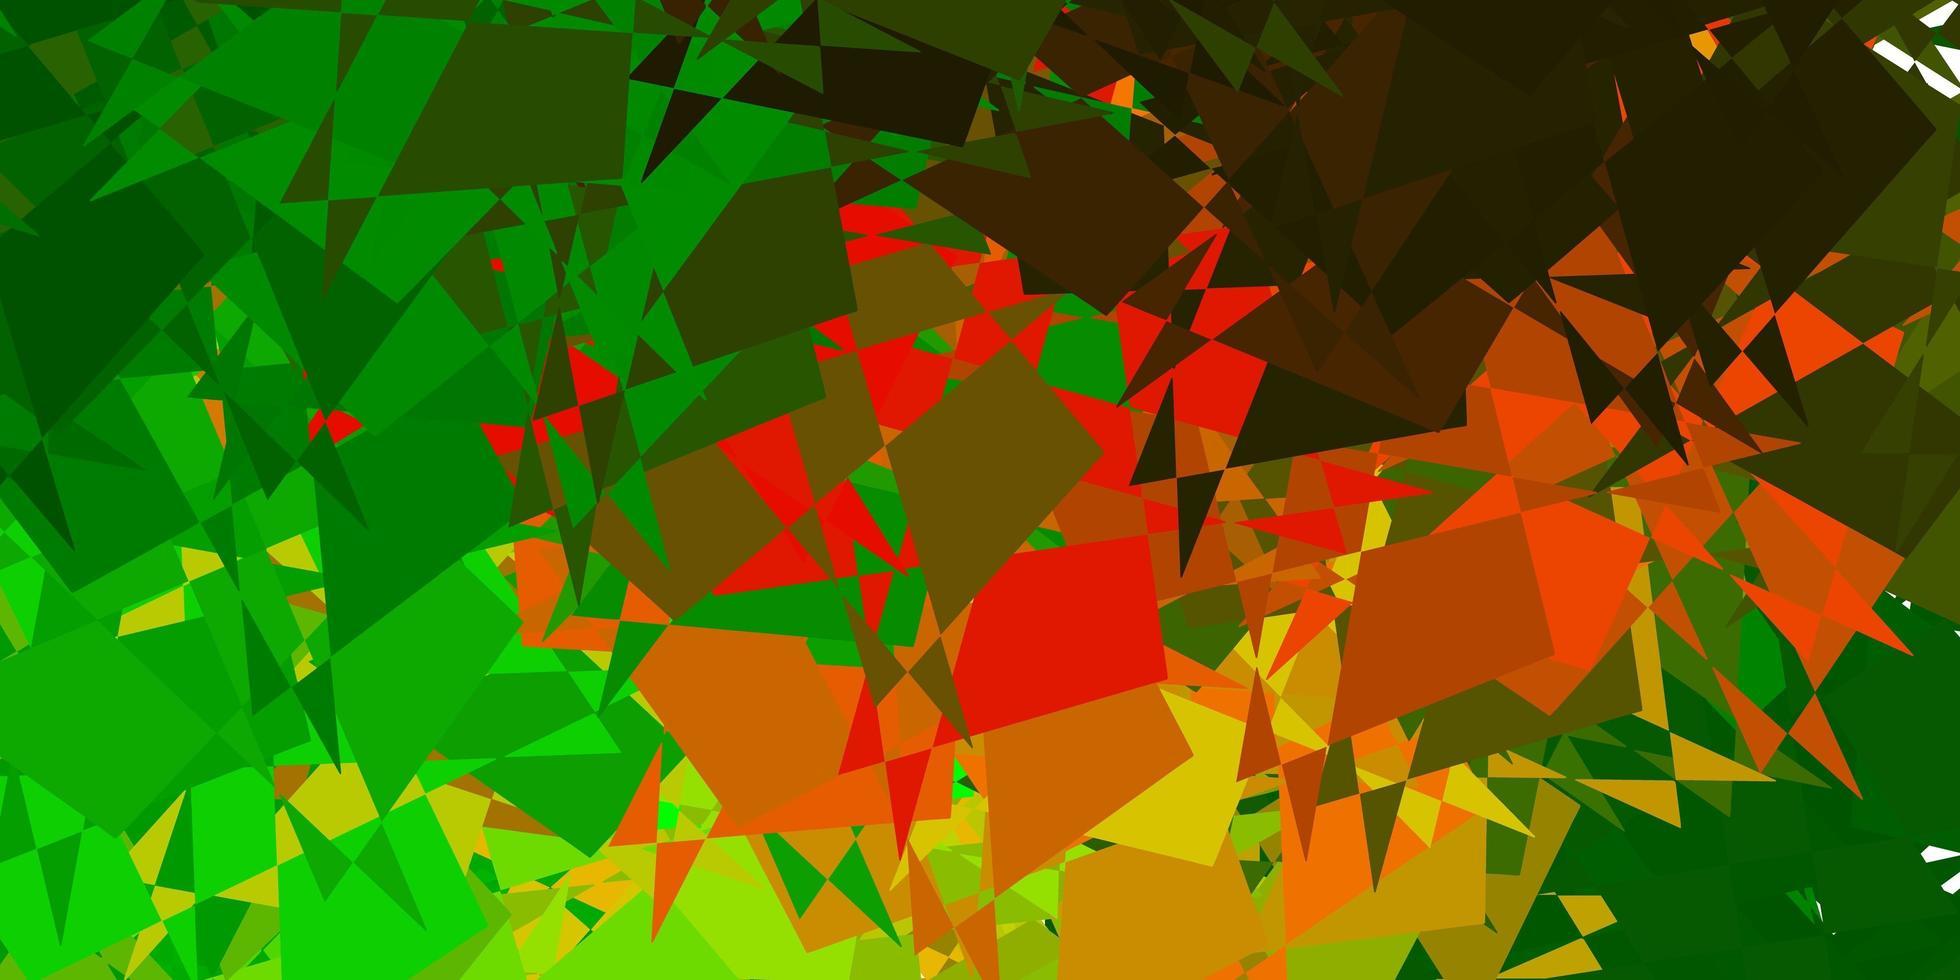 dunkelgrüner, gelber Vektorhintergrund mit zufälligen Formen. vektor